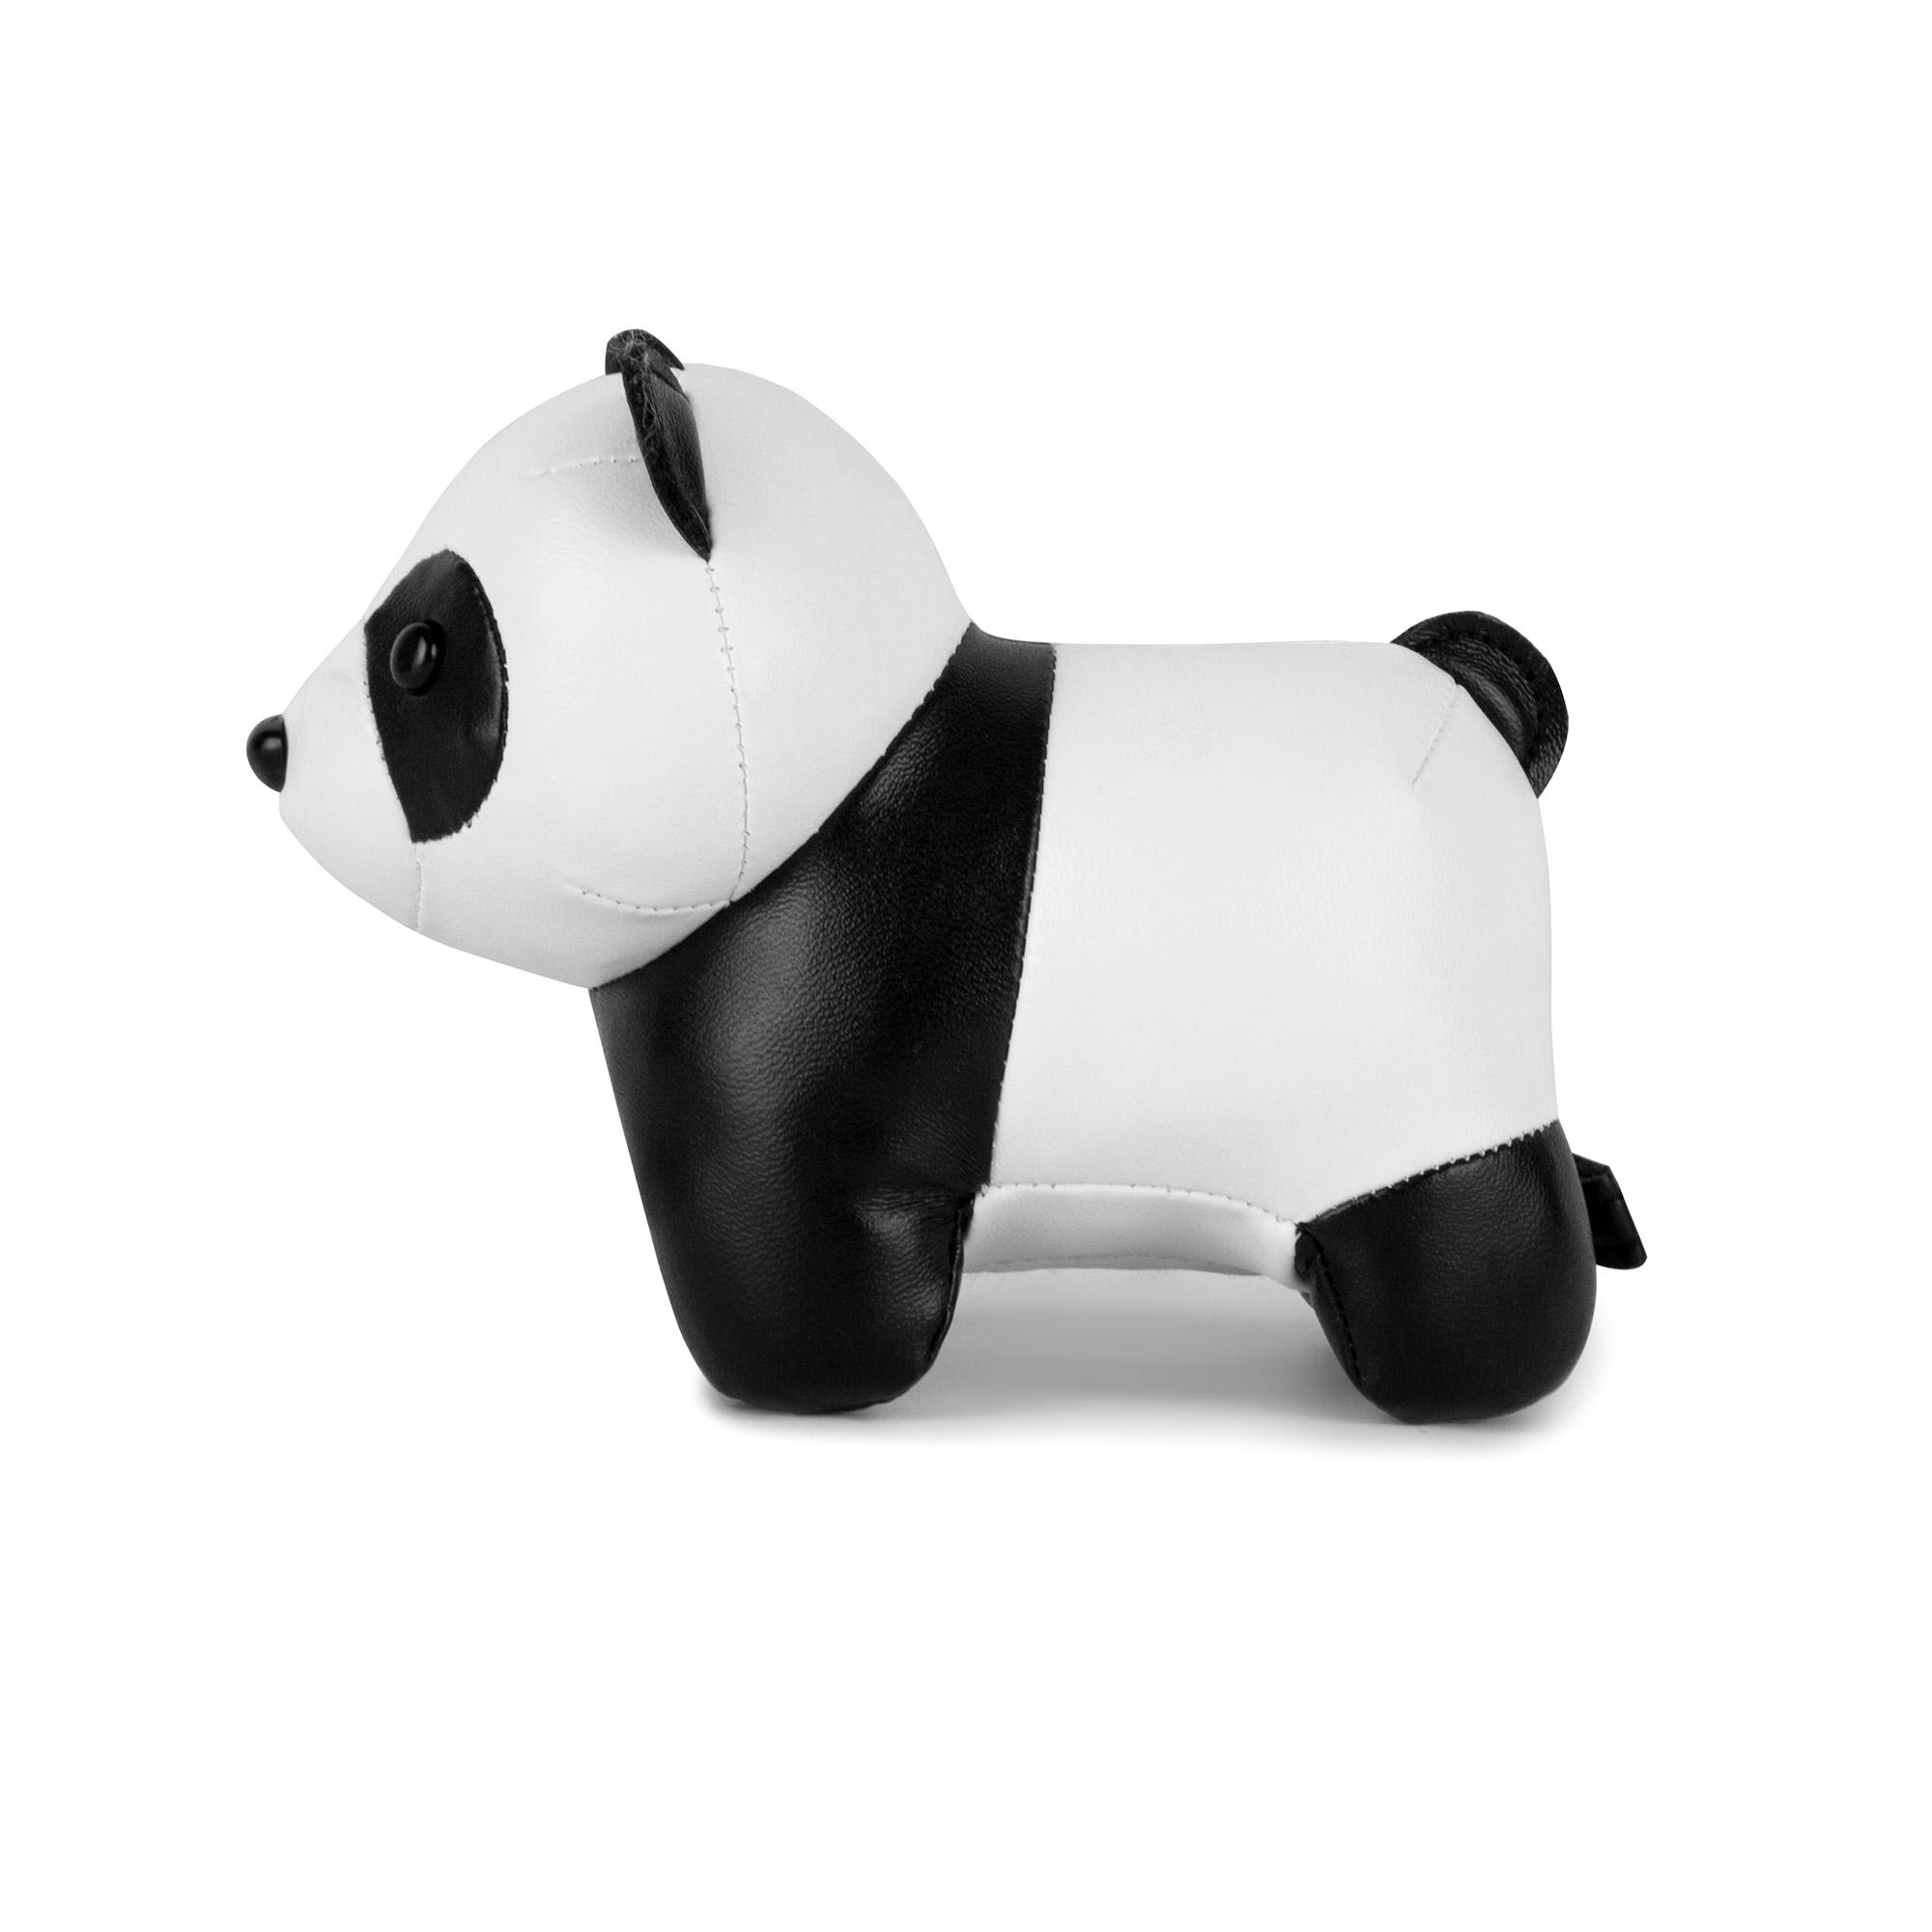 Les Petits animaux - Panda BLANC Little big friends